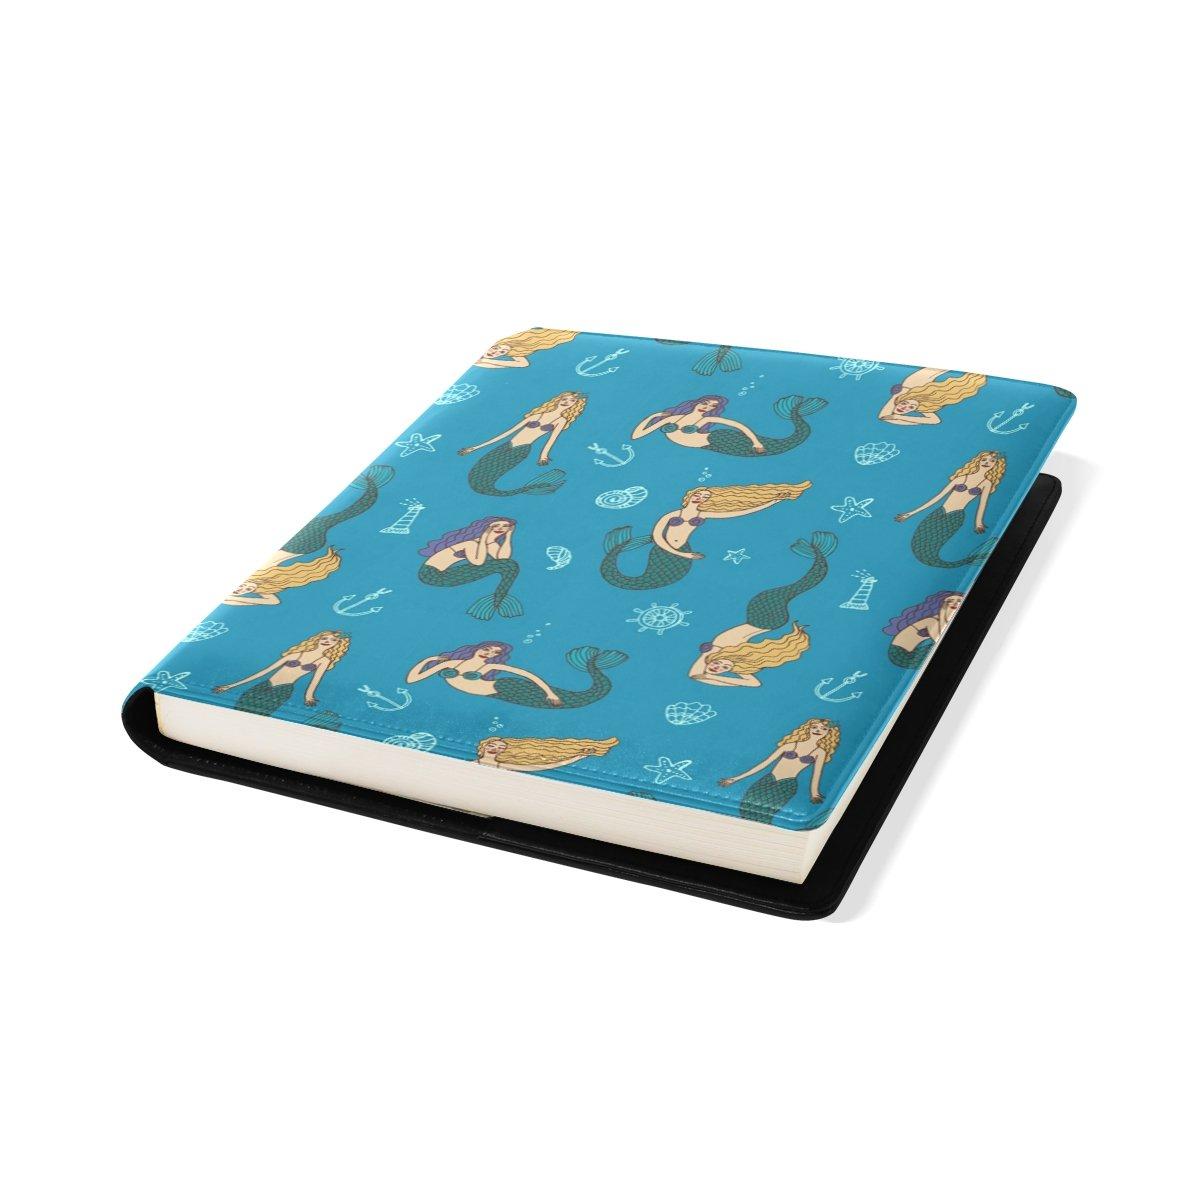 Coosun Meerjungfrauen Muster Buch Sox dehnbar Buchumschlag, passt die meisten Hardcover-Lehrbücher bis zu 9 x 11. Klebstoff-frei, Pu Leder Schulbuch Protector